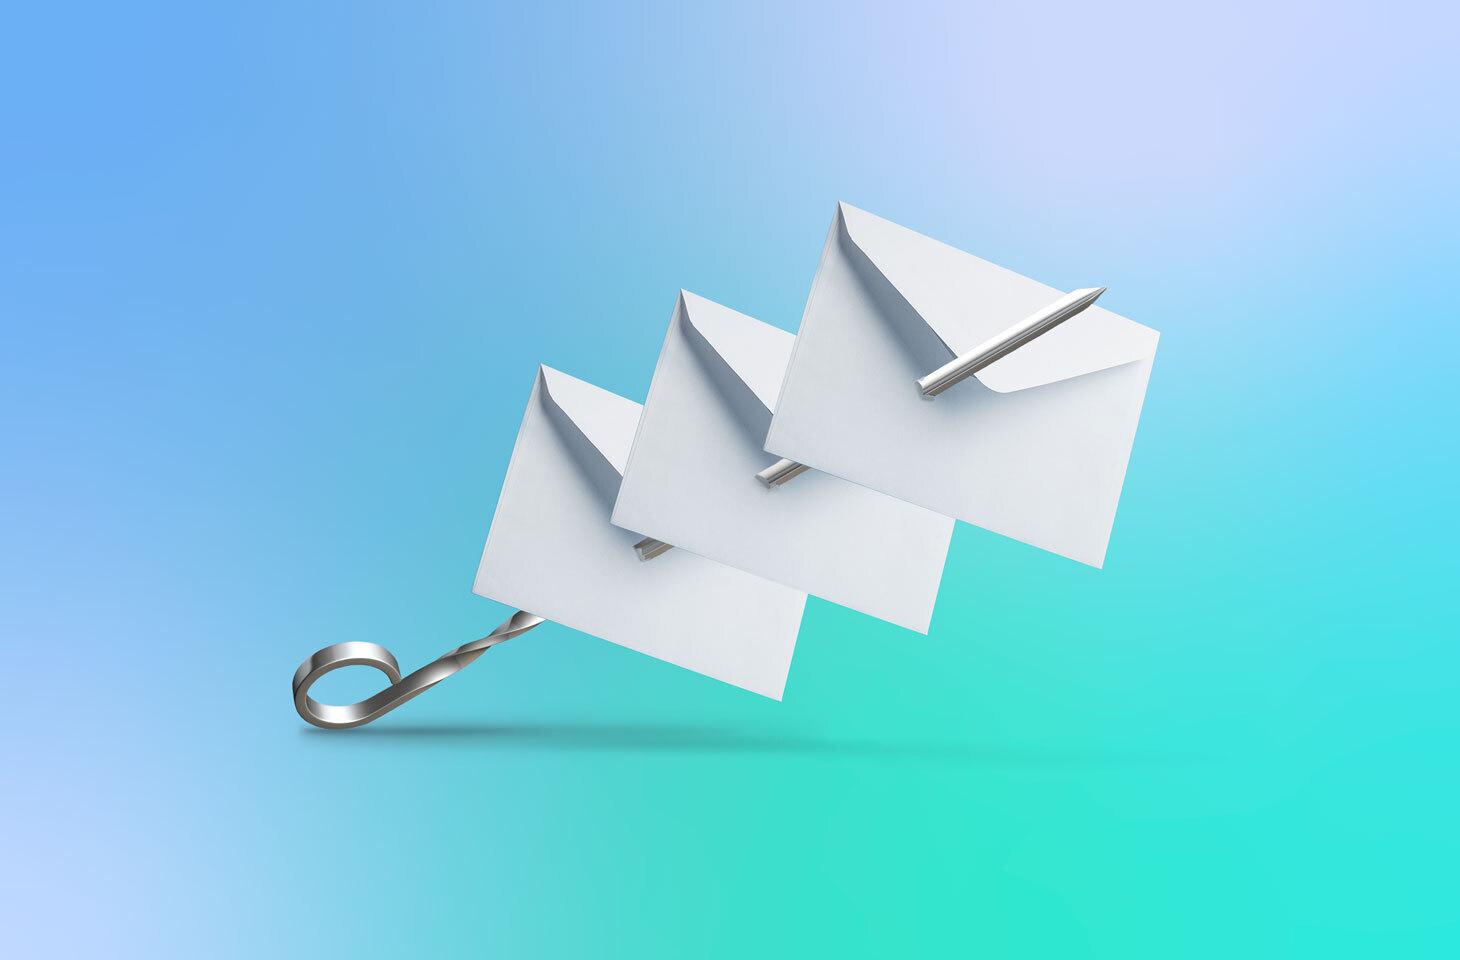 電郵名單的價值:盜取電郵服務的網絡釣魚攻擊